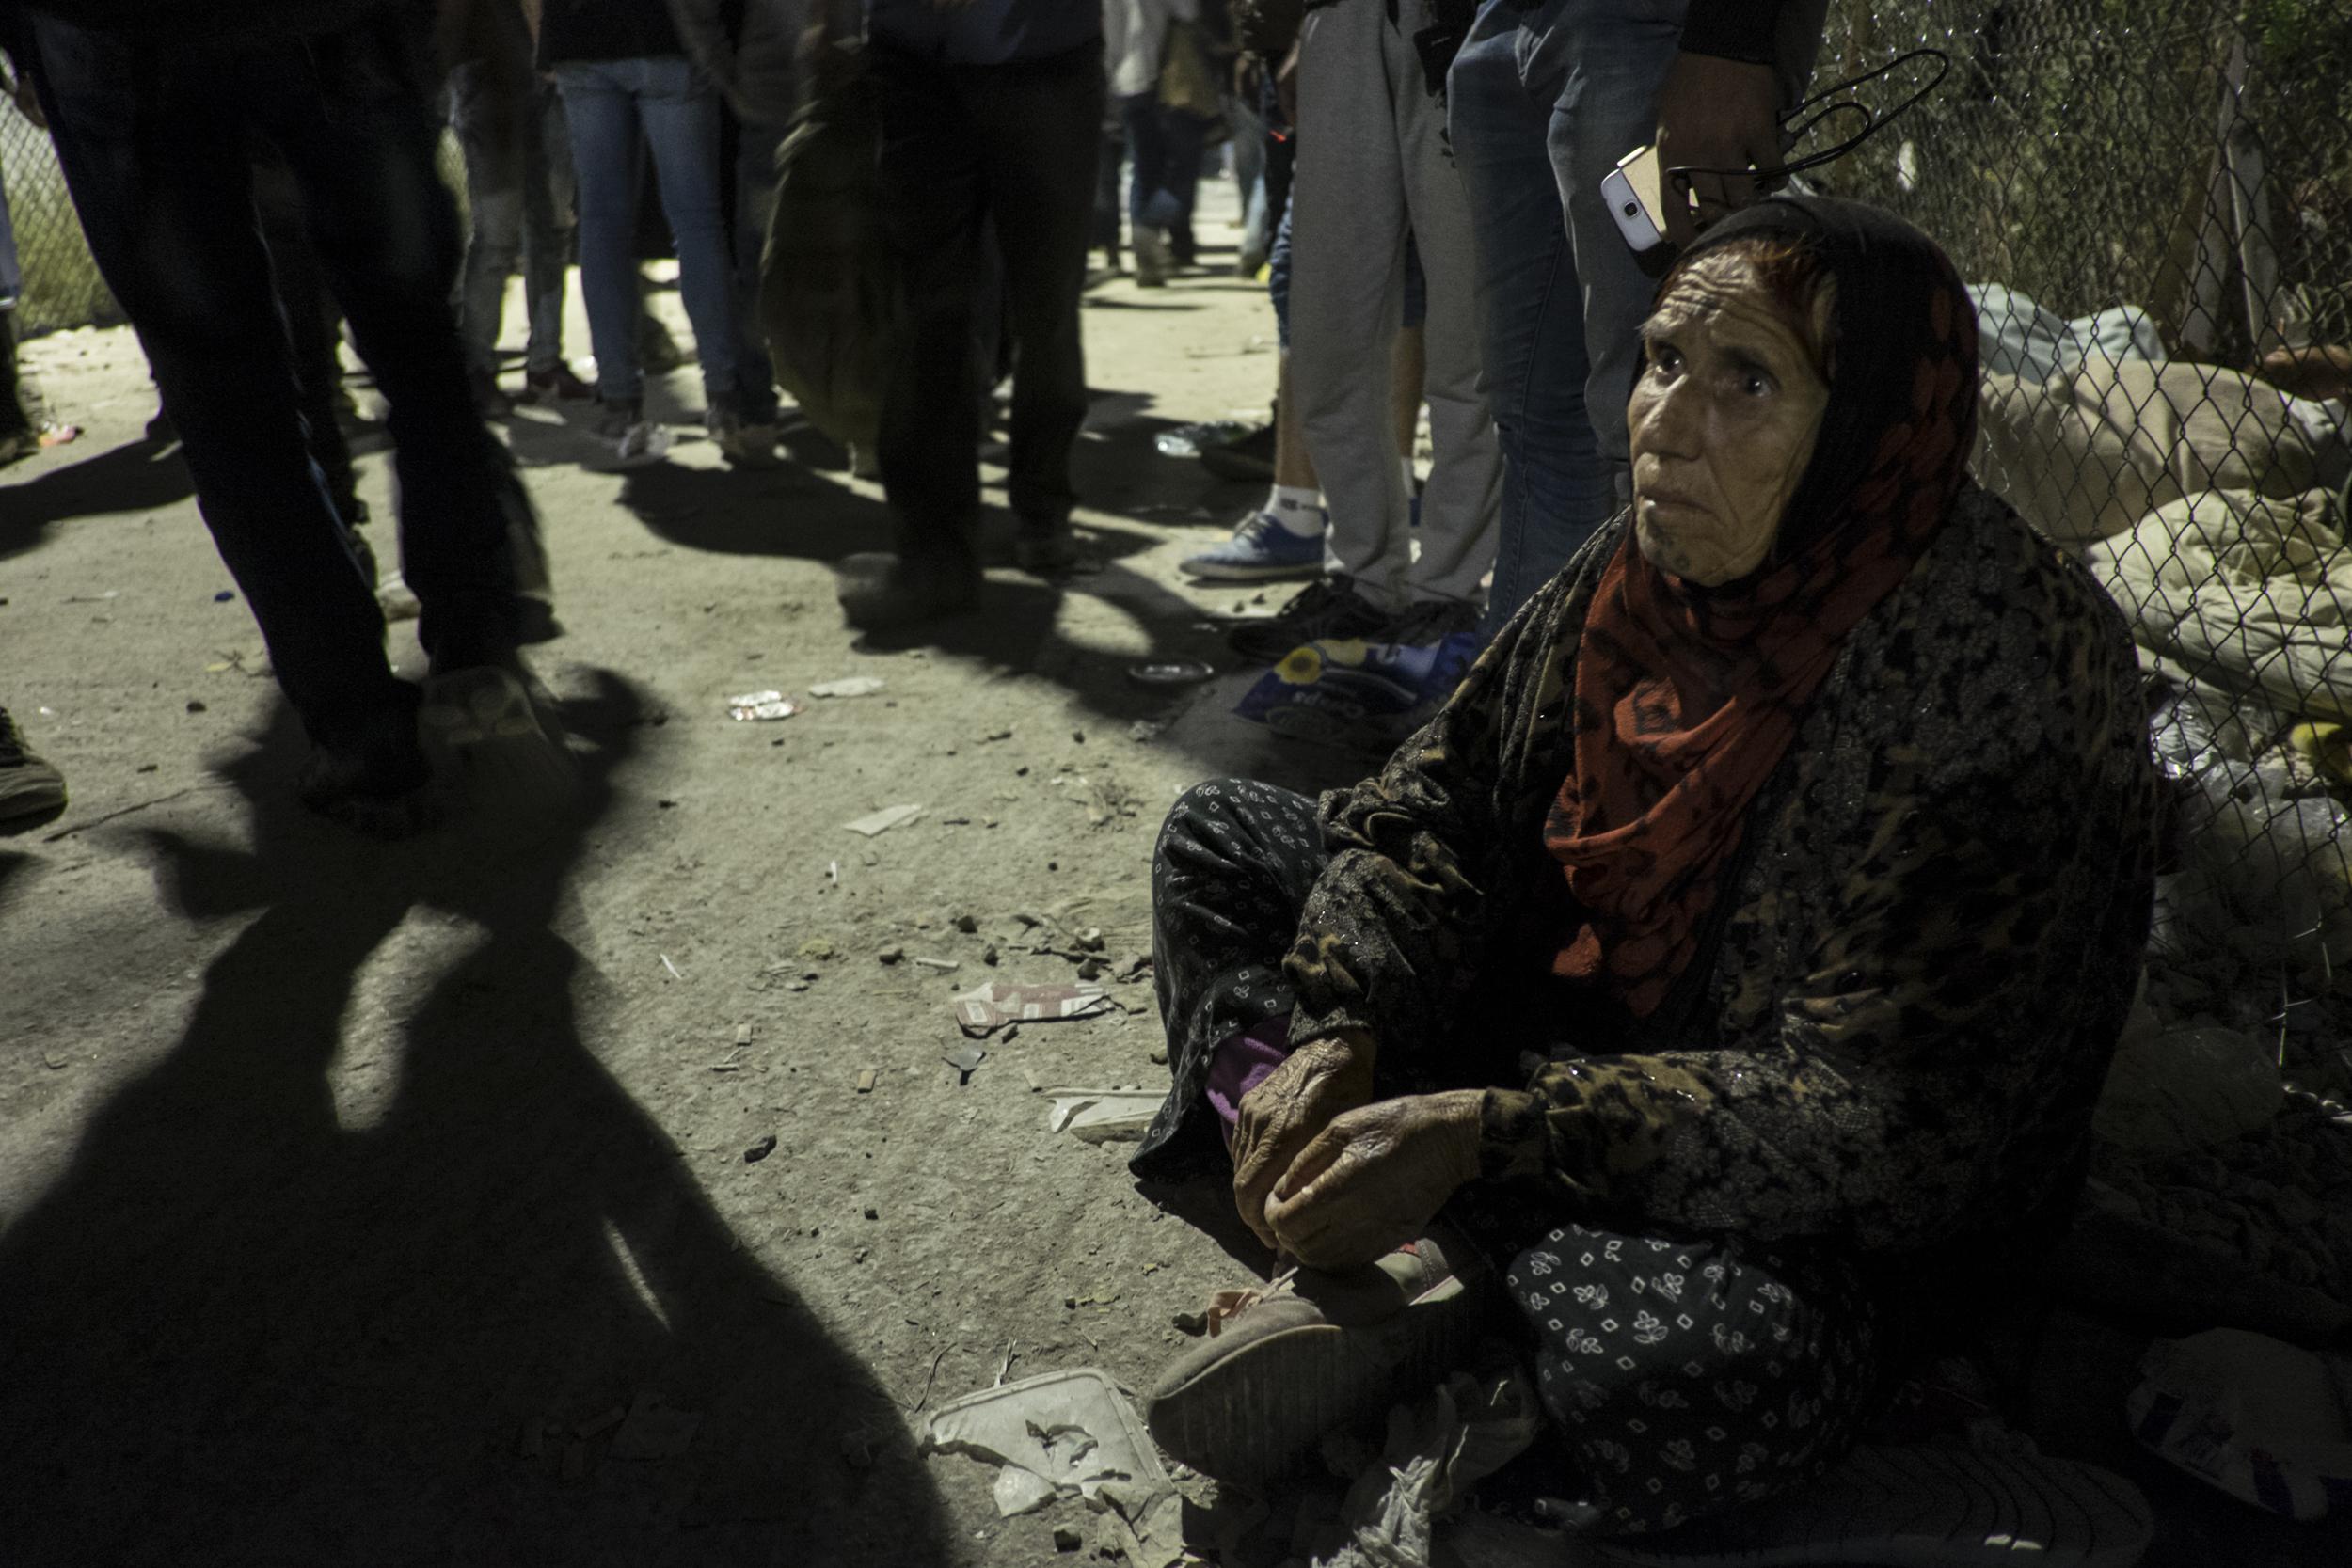 Une vieille femme kurde de Syrie, à l'extérieur de Moria. Les personnes âgées et les handicapés perdent souvent leur place dans la queue